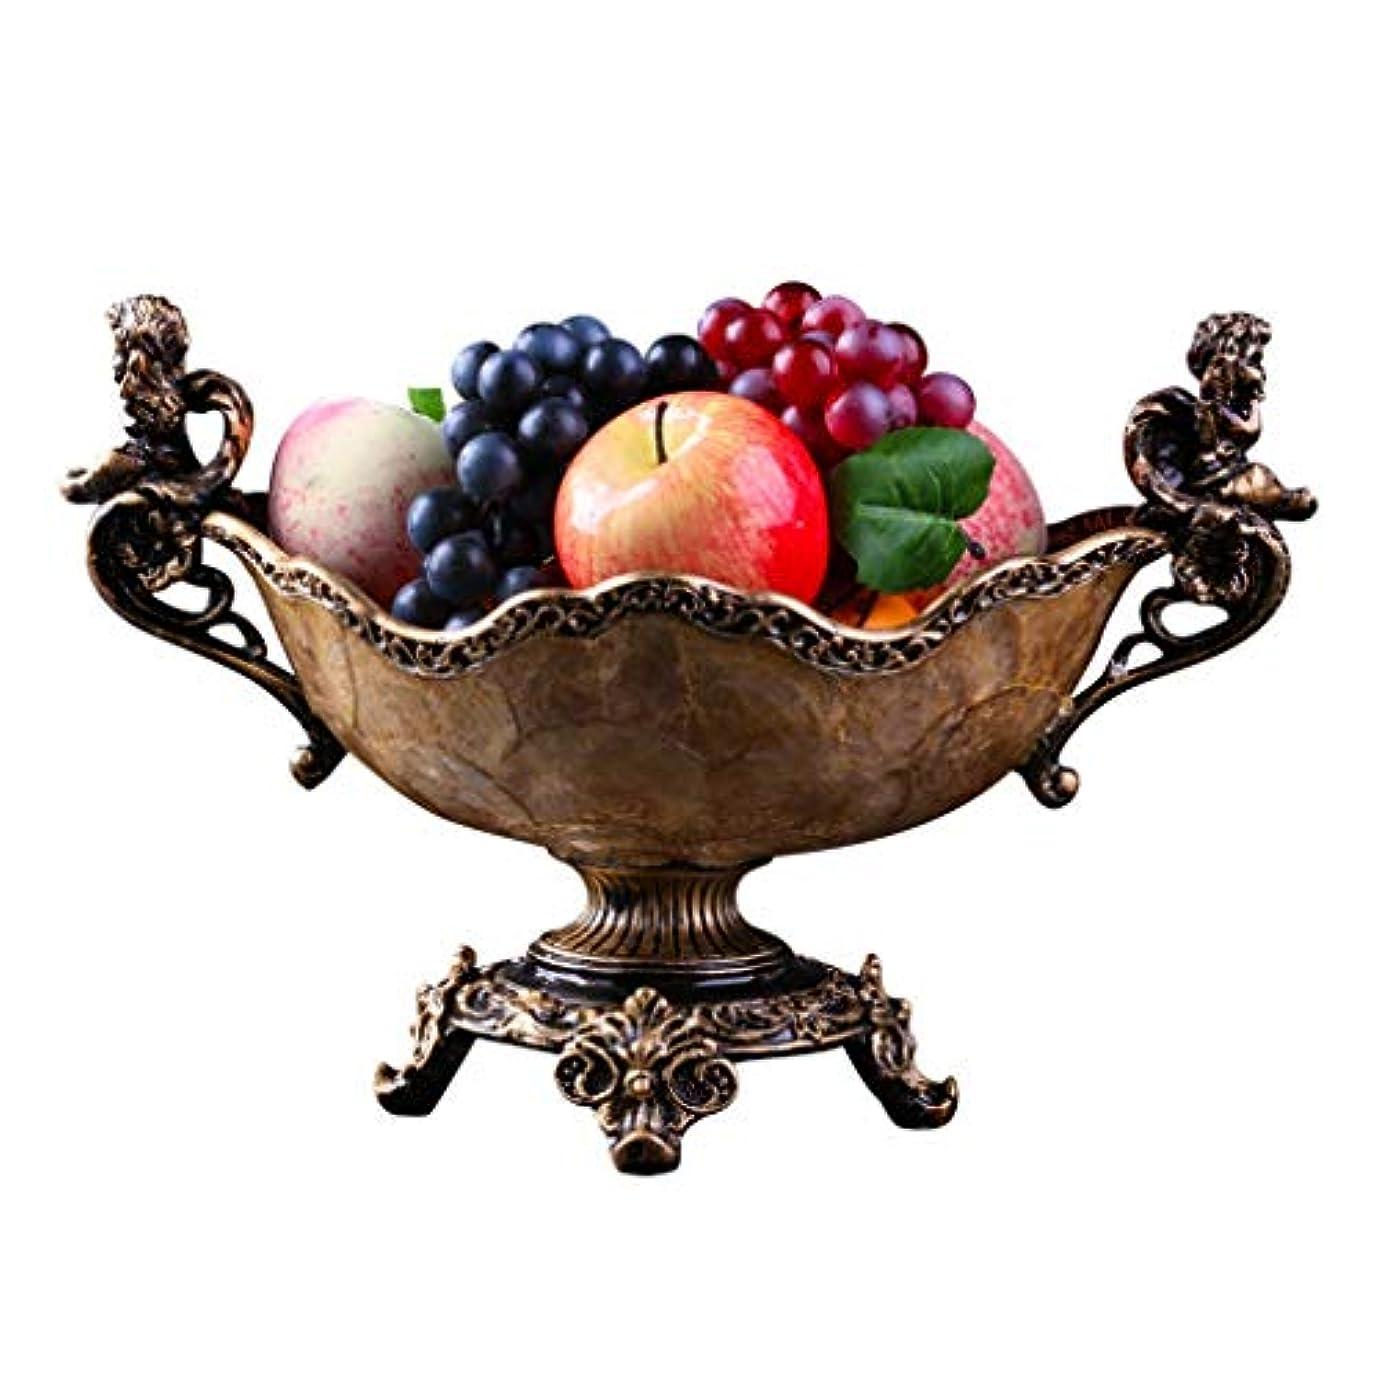 悪意のある放出乳剤フルーツプレートヨーロッパのフルーツプレート高級高級リビングルームレトロキャンディープレート大家の装飾 (Color : Brown)